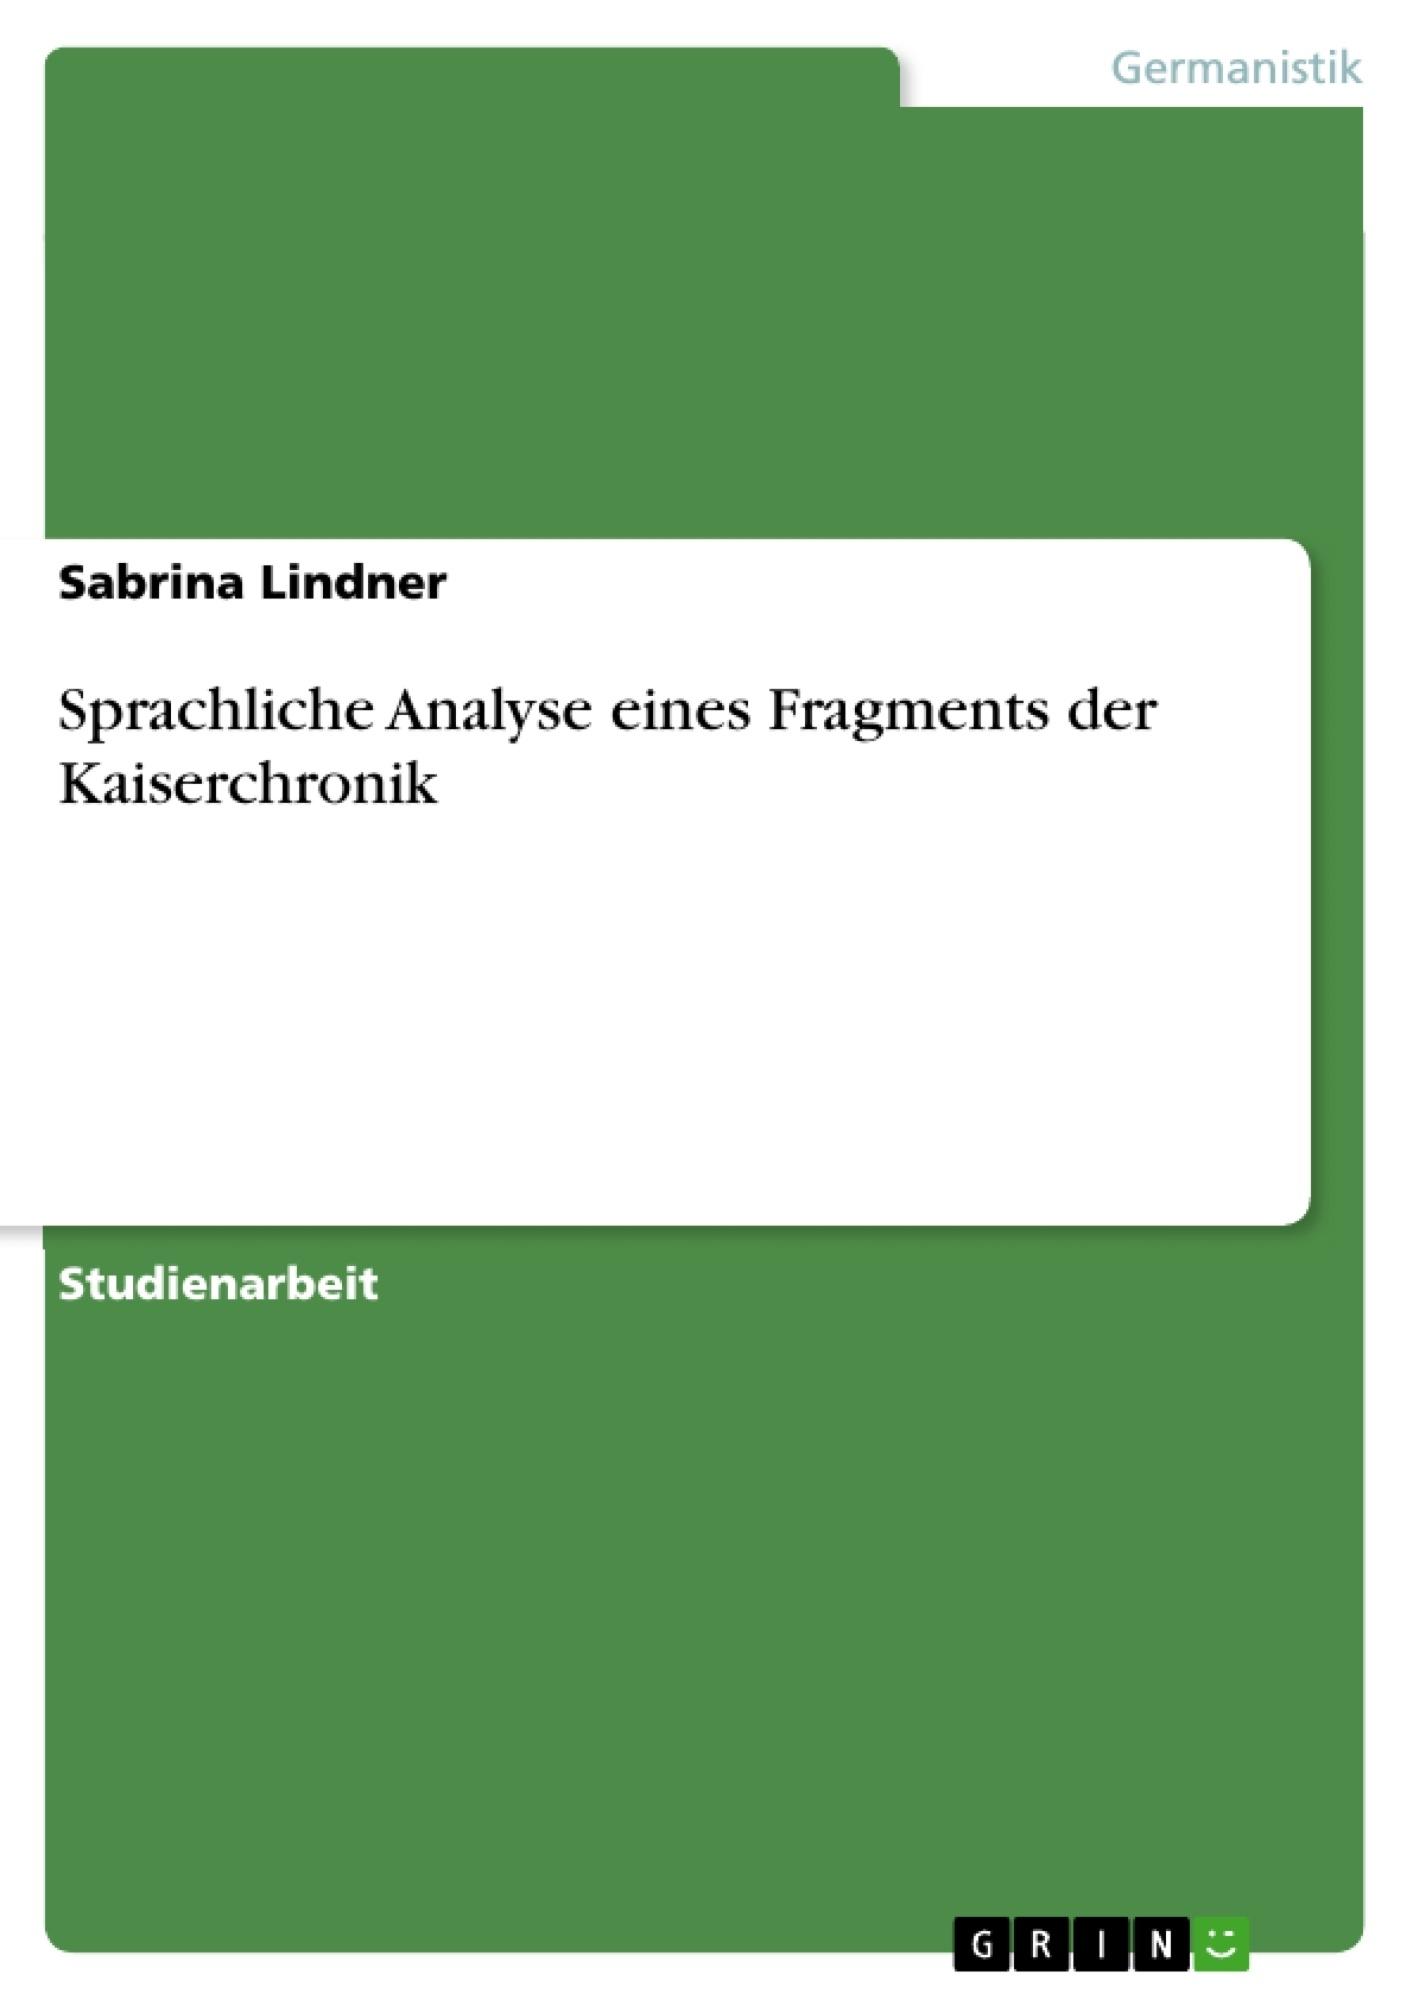 Titel: Sprachliche Analyse eines Fragments der Kaiserchronik